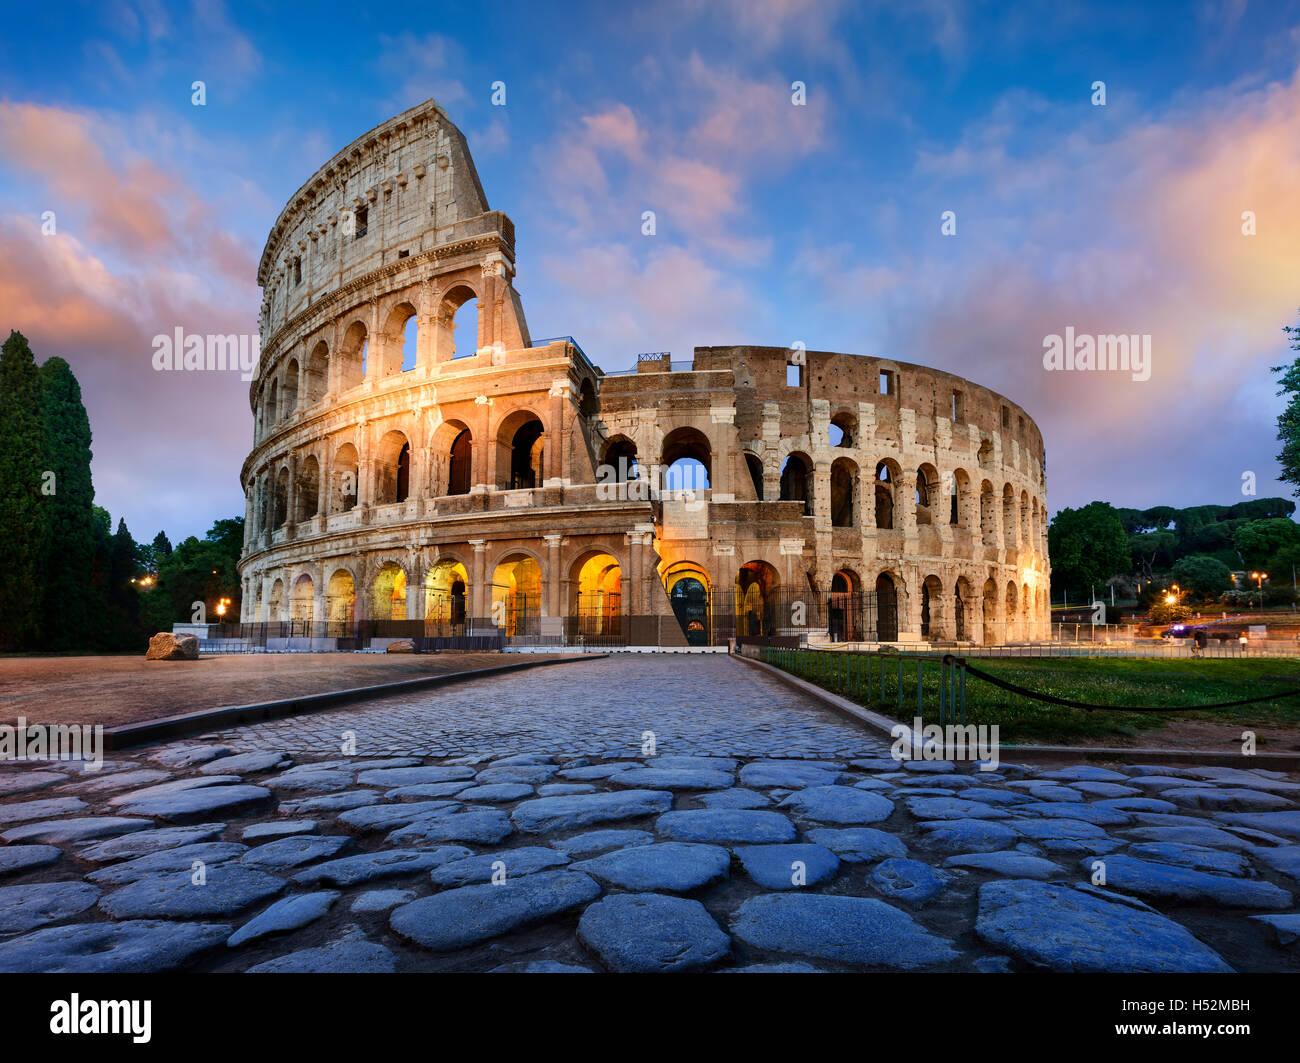 Vue sur le Colisée à Rome et soleil du matin, l'Italie, l'Europe. Photo Stock